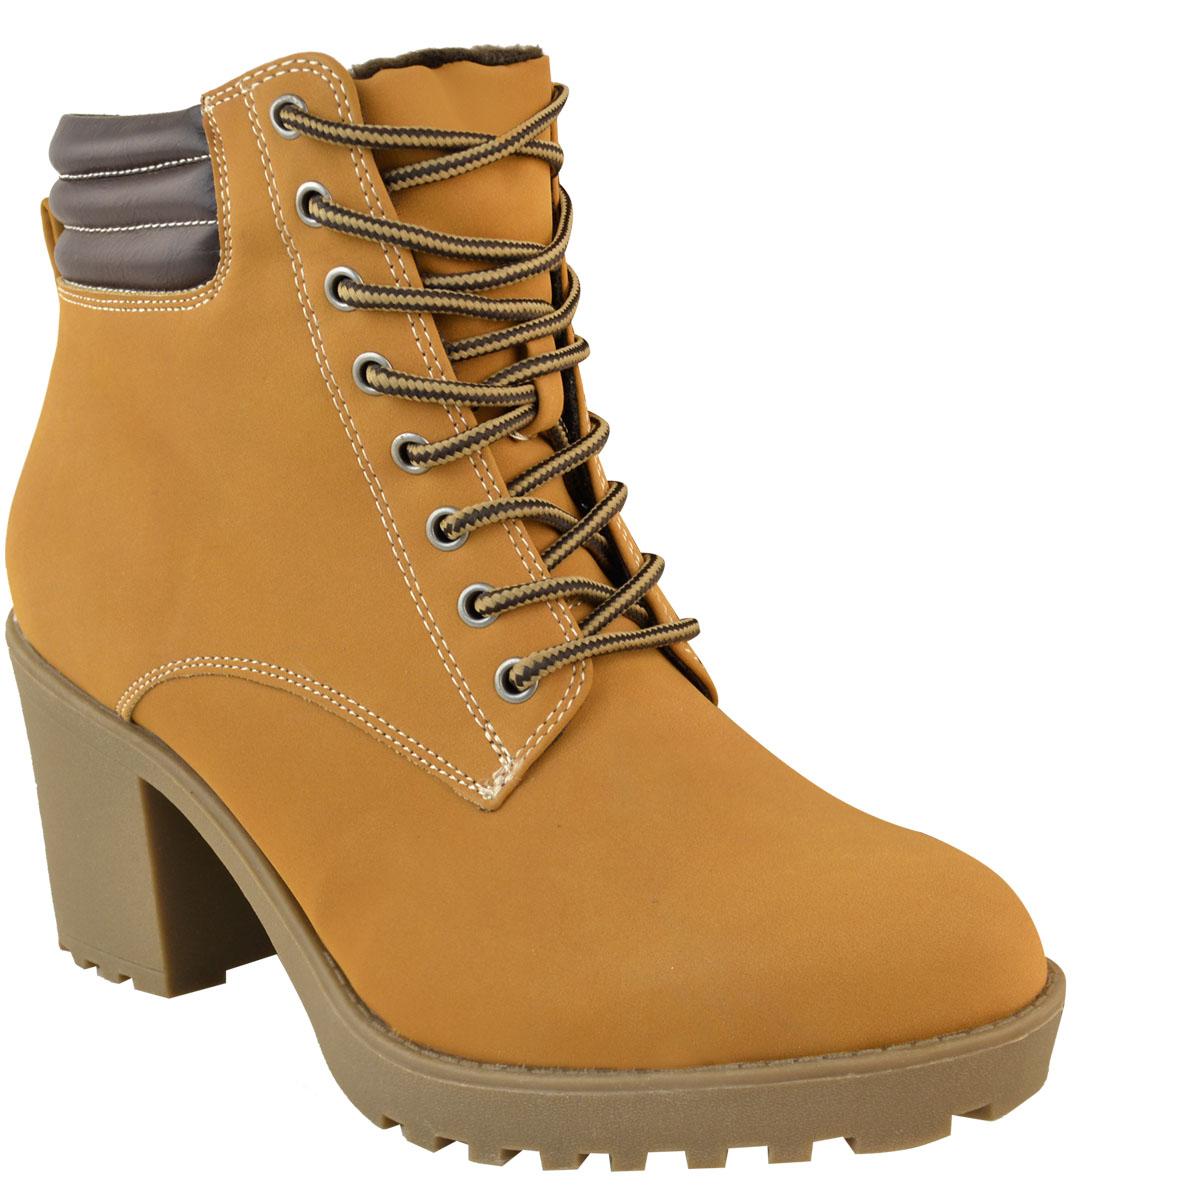 Womens-Ladies-Winter-Walking-Boots-Fleece-Warm-Lining-Cosy-Low-Block-Heel-Size Indexbild 18